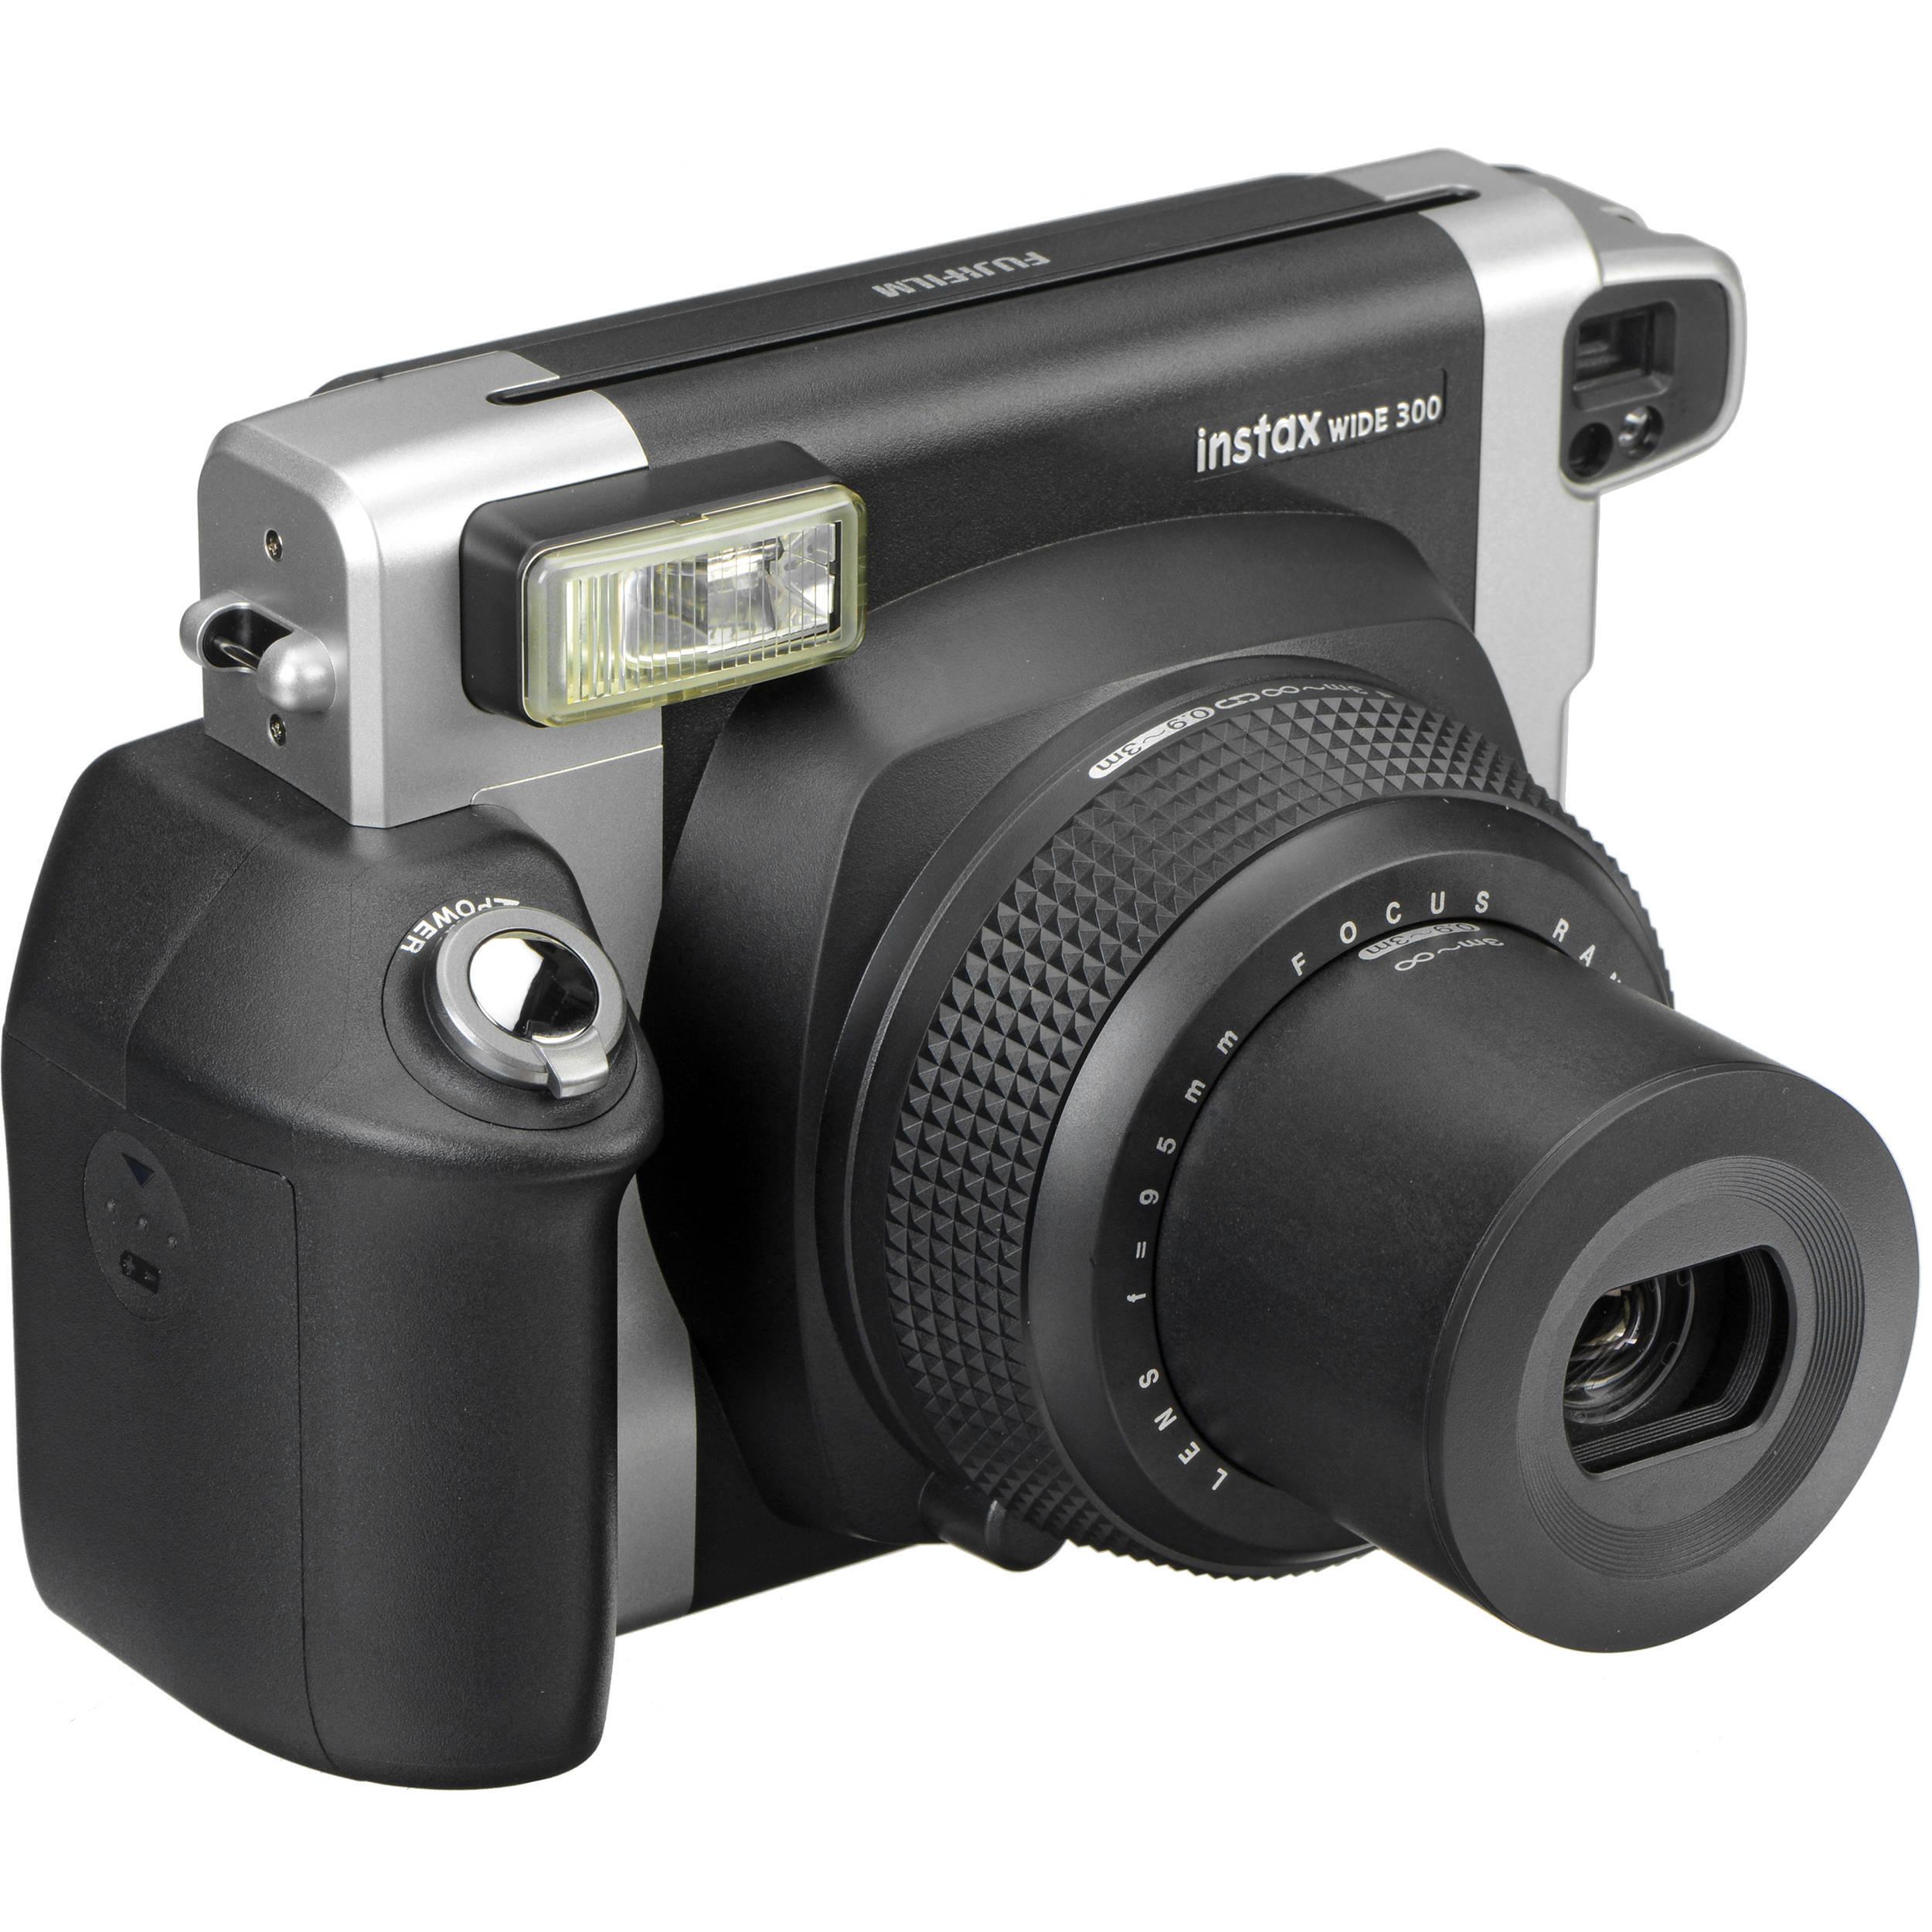 Máy chụp ảnh lấy ngay Fujifilm Instax Wide 300